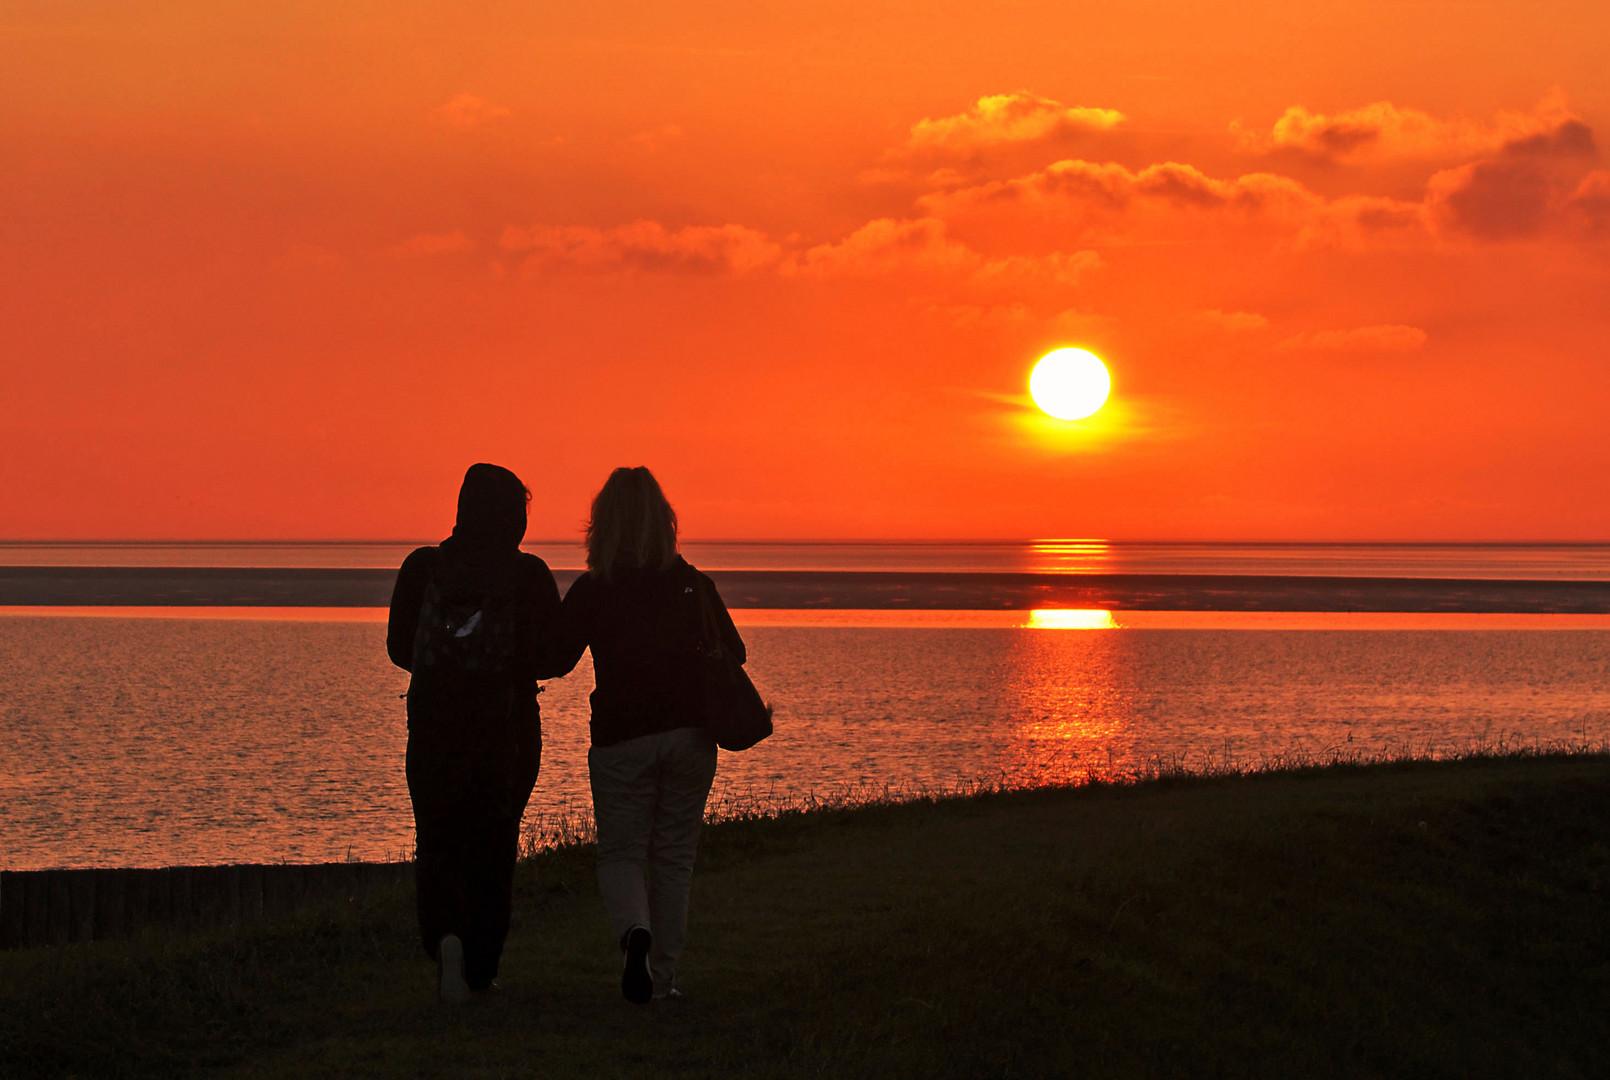 Sonnenuntergang auf der Insel Neuwerk